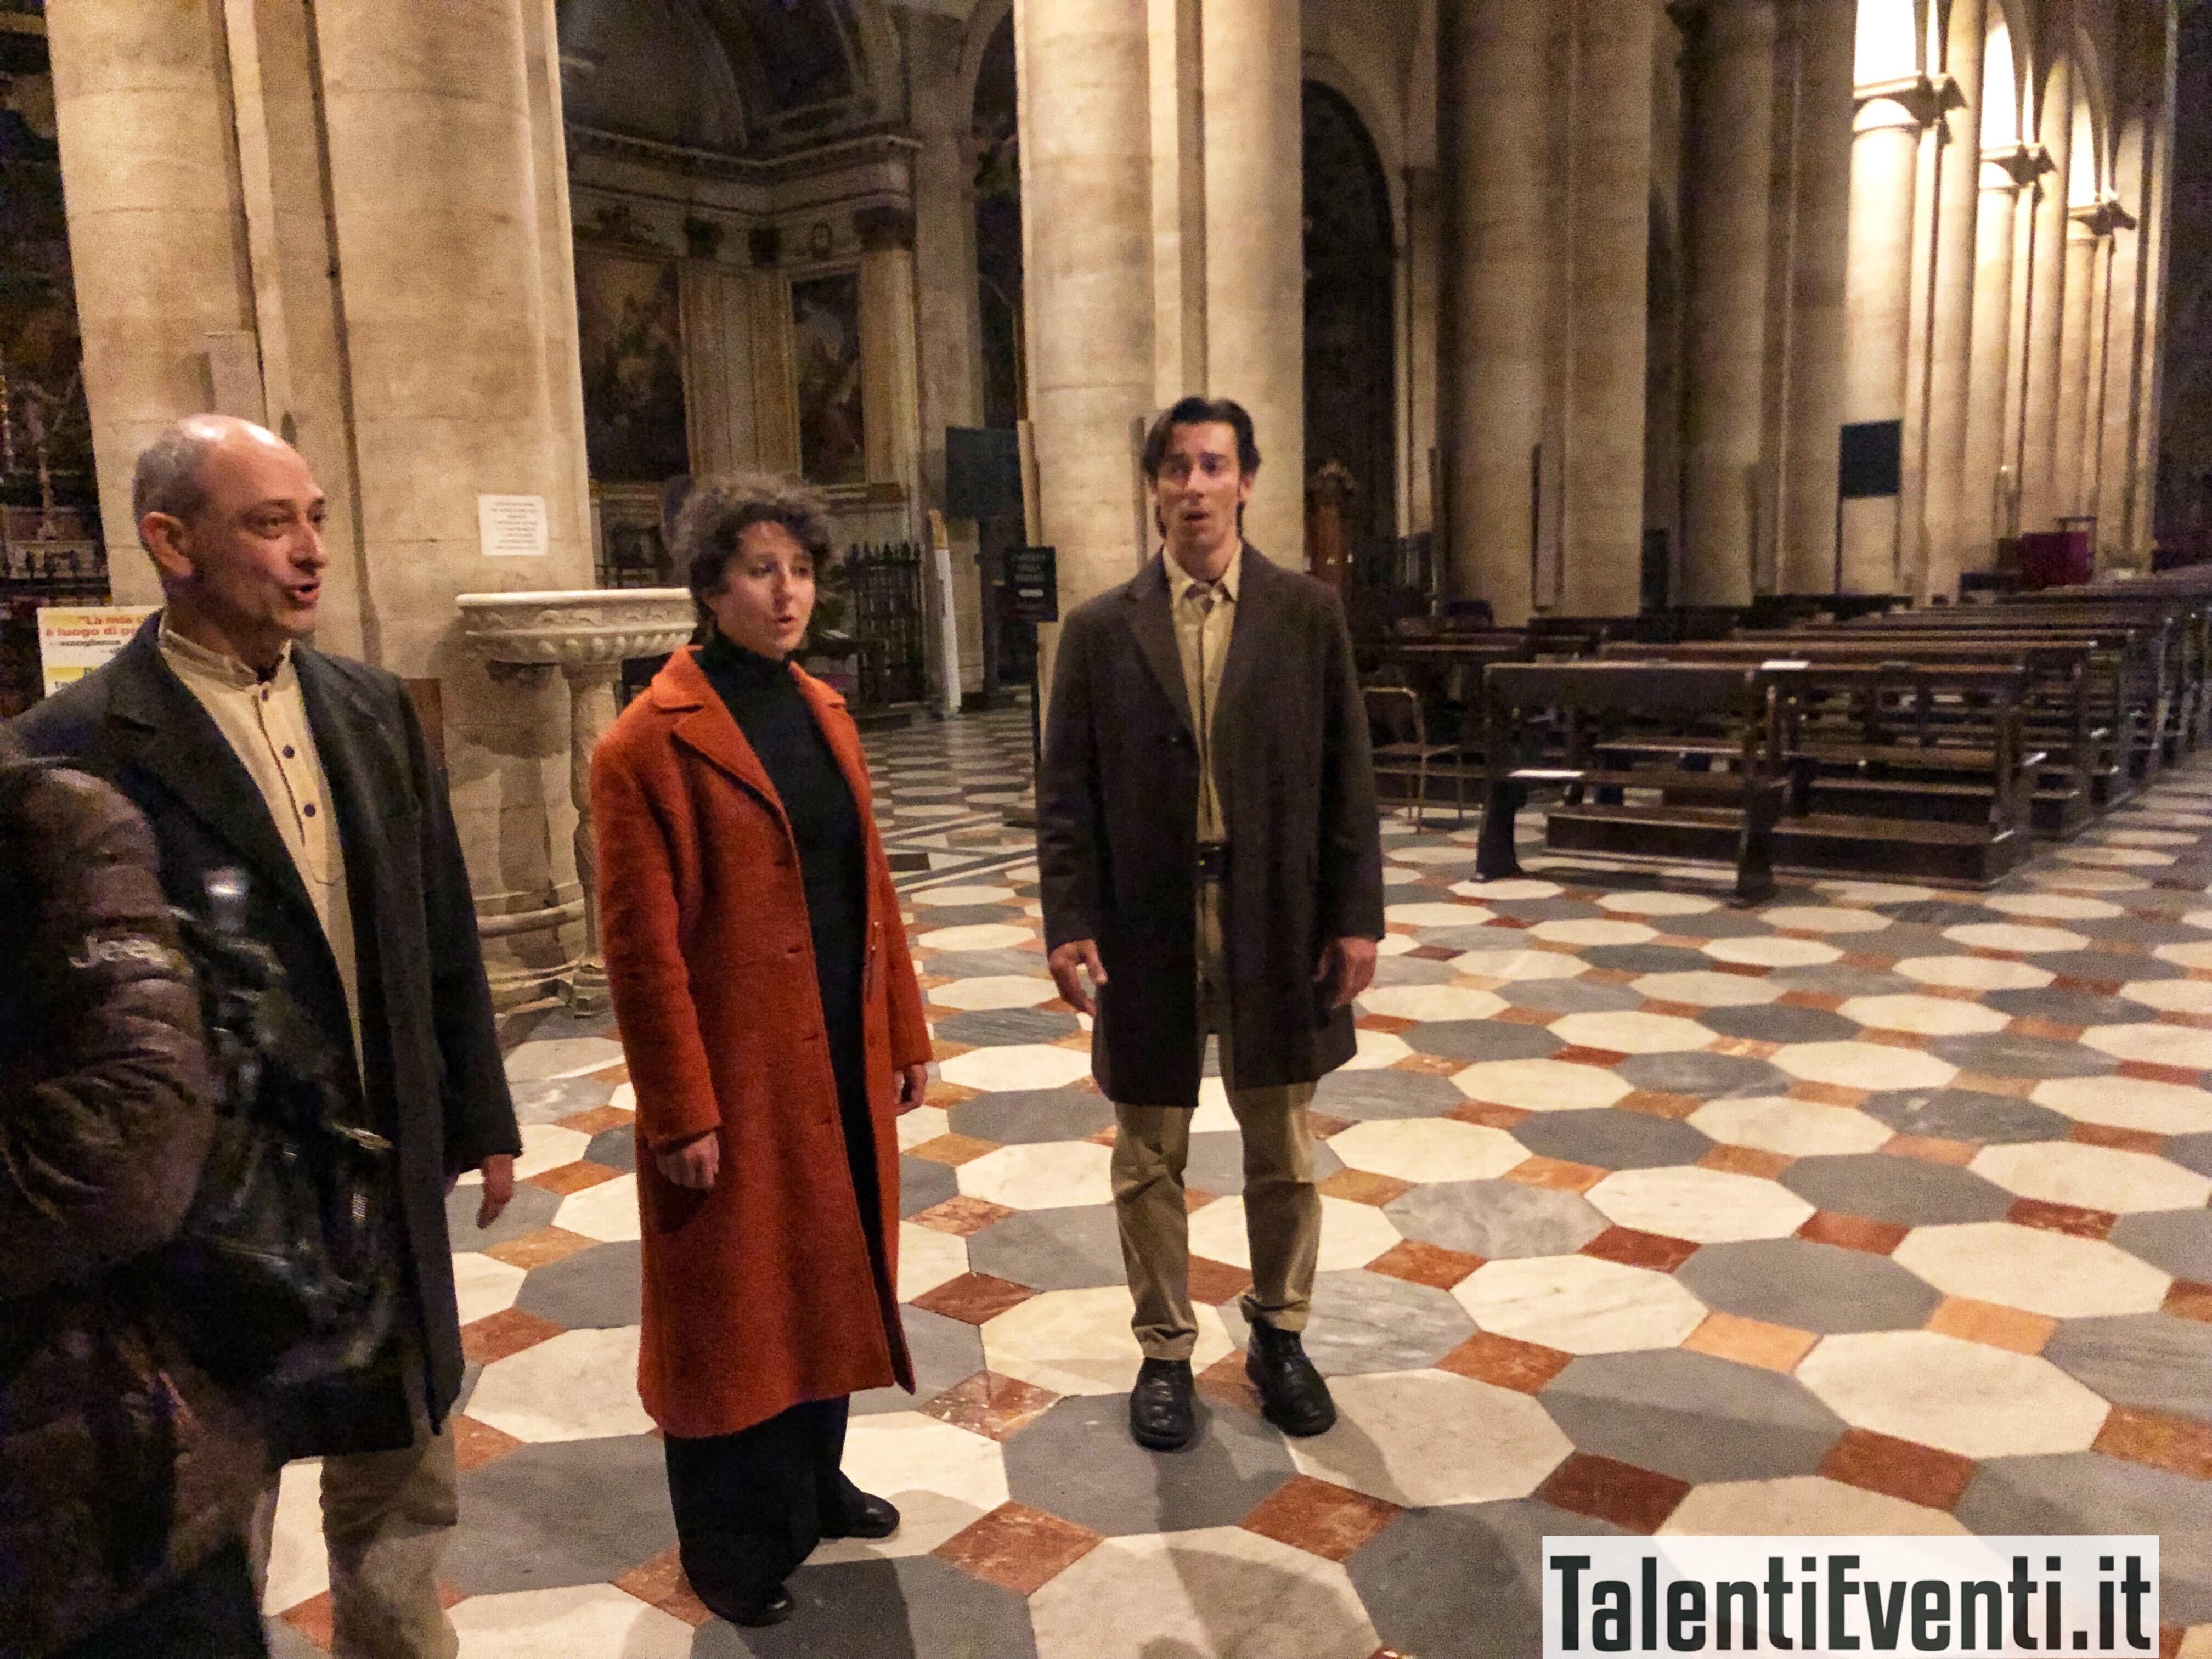 talenti_eventi_stabat_mater_edifici_sacri_torino_compagnia_san_paolo_6